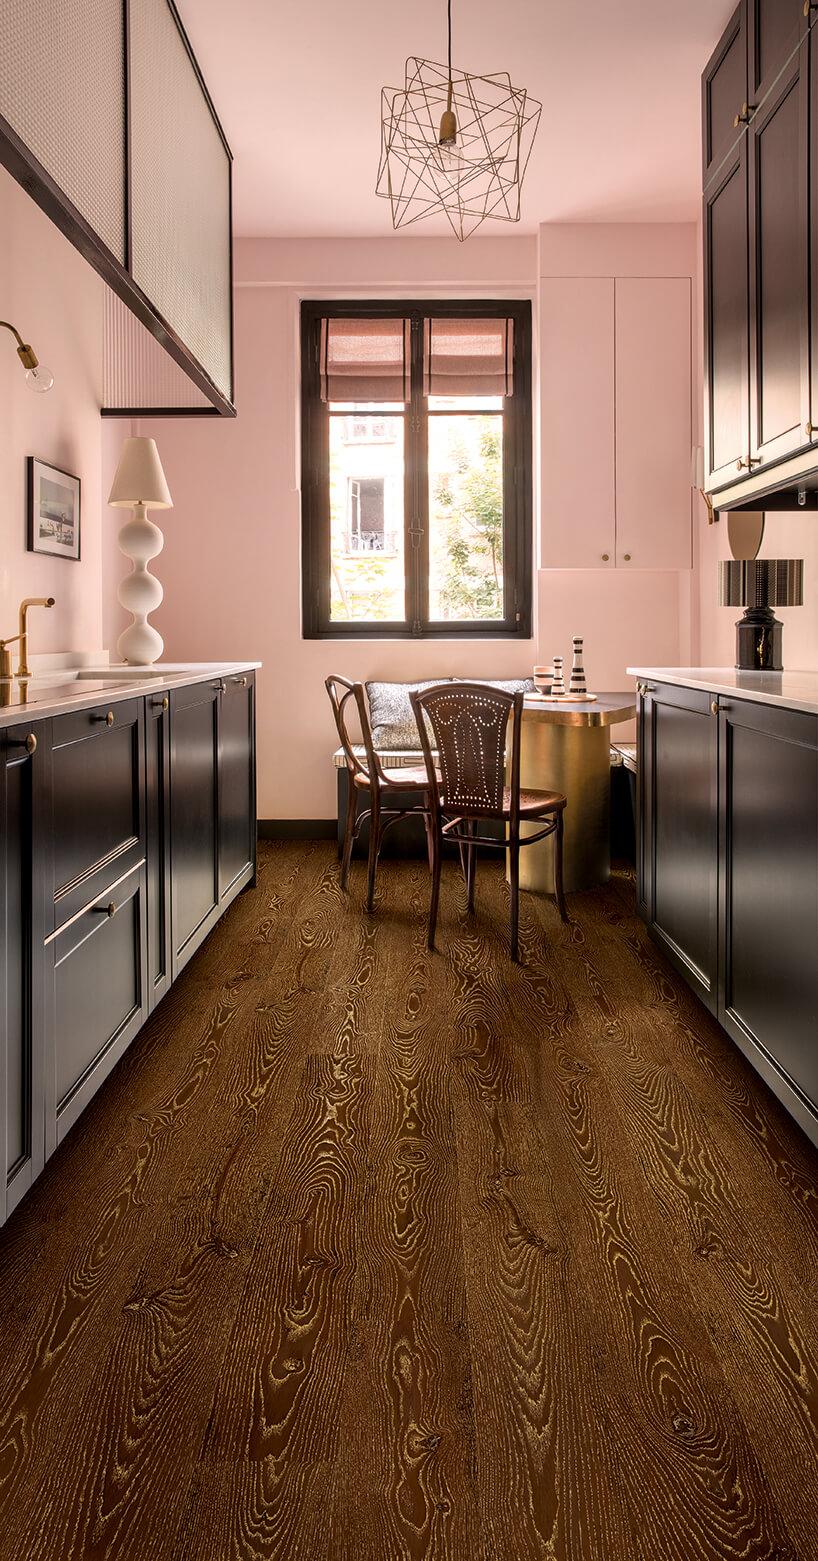 ciemna podłoga laminowana Quick-Step wróżowej kuchni zczarnymi frontami szafek